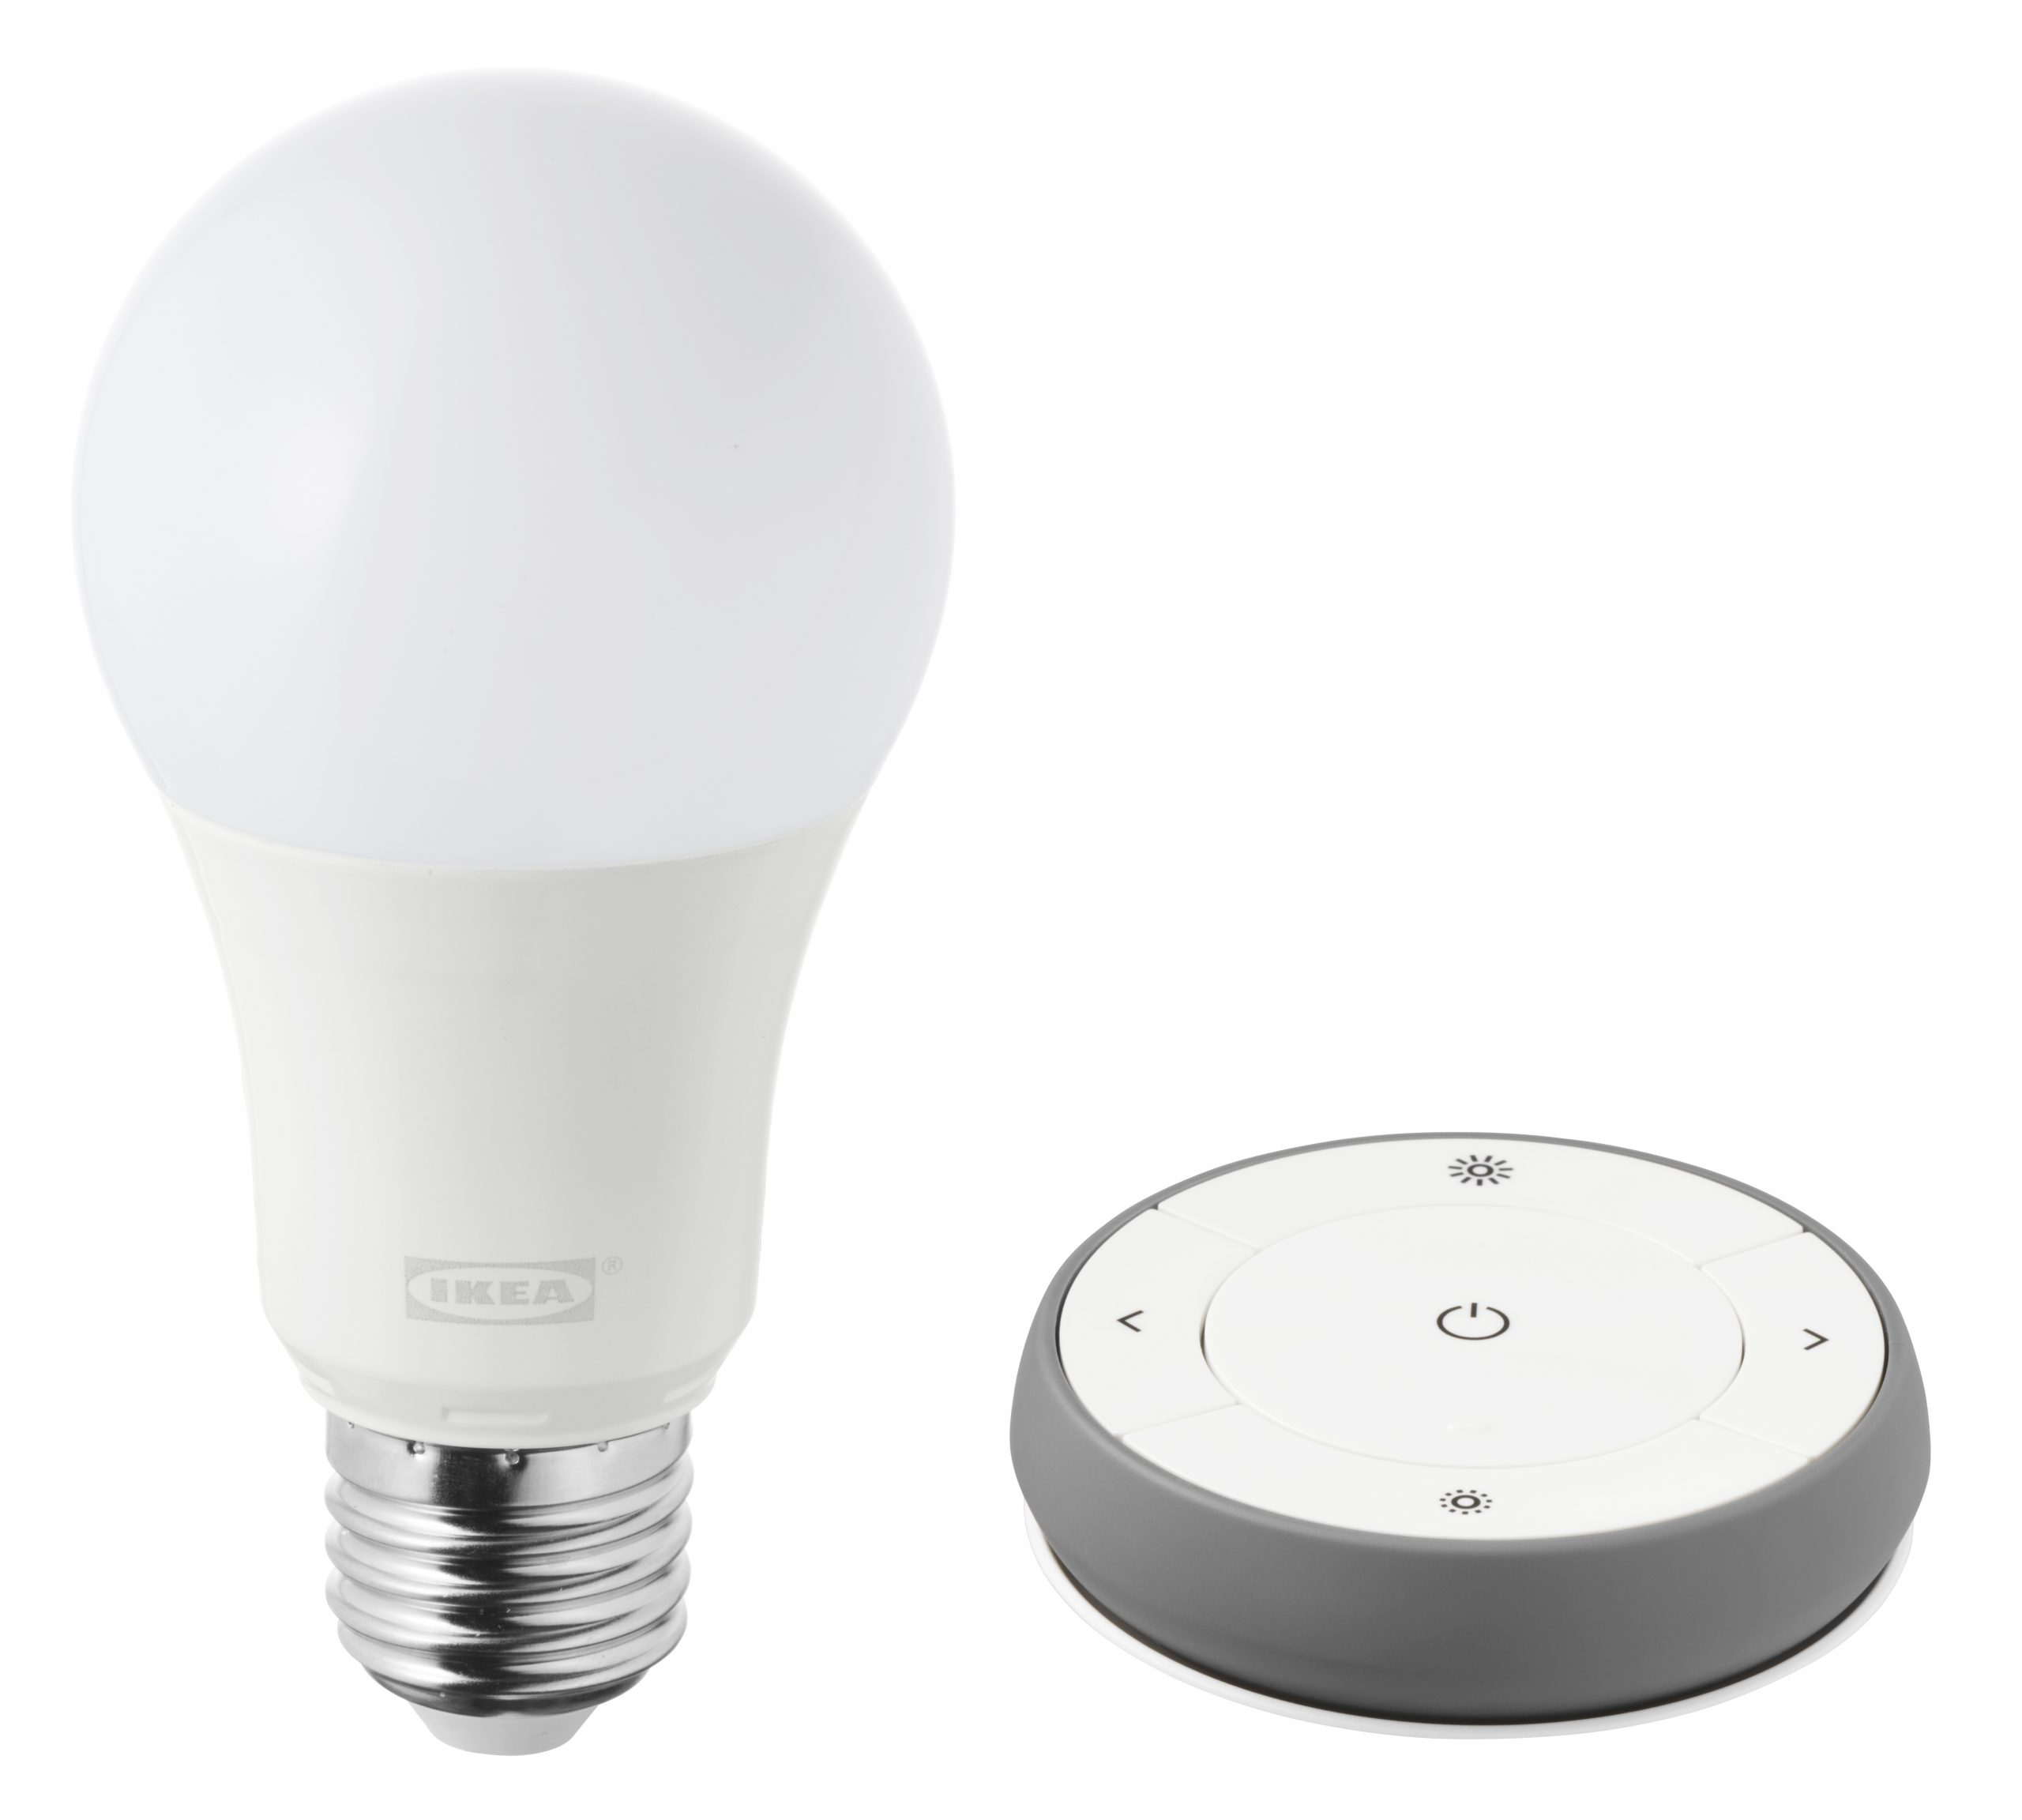 TEST: IKEA Trådfri Set för dimning – Smart lampa för nybörjare